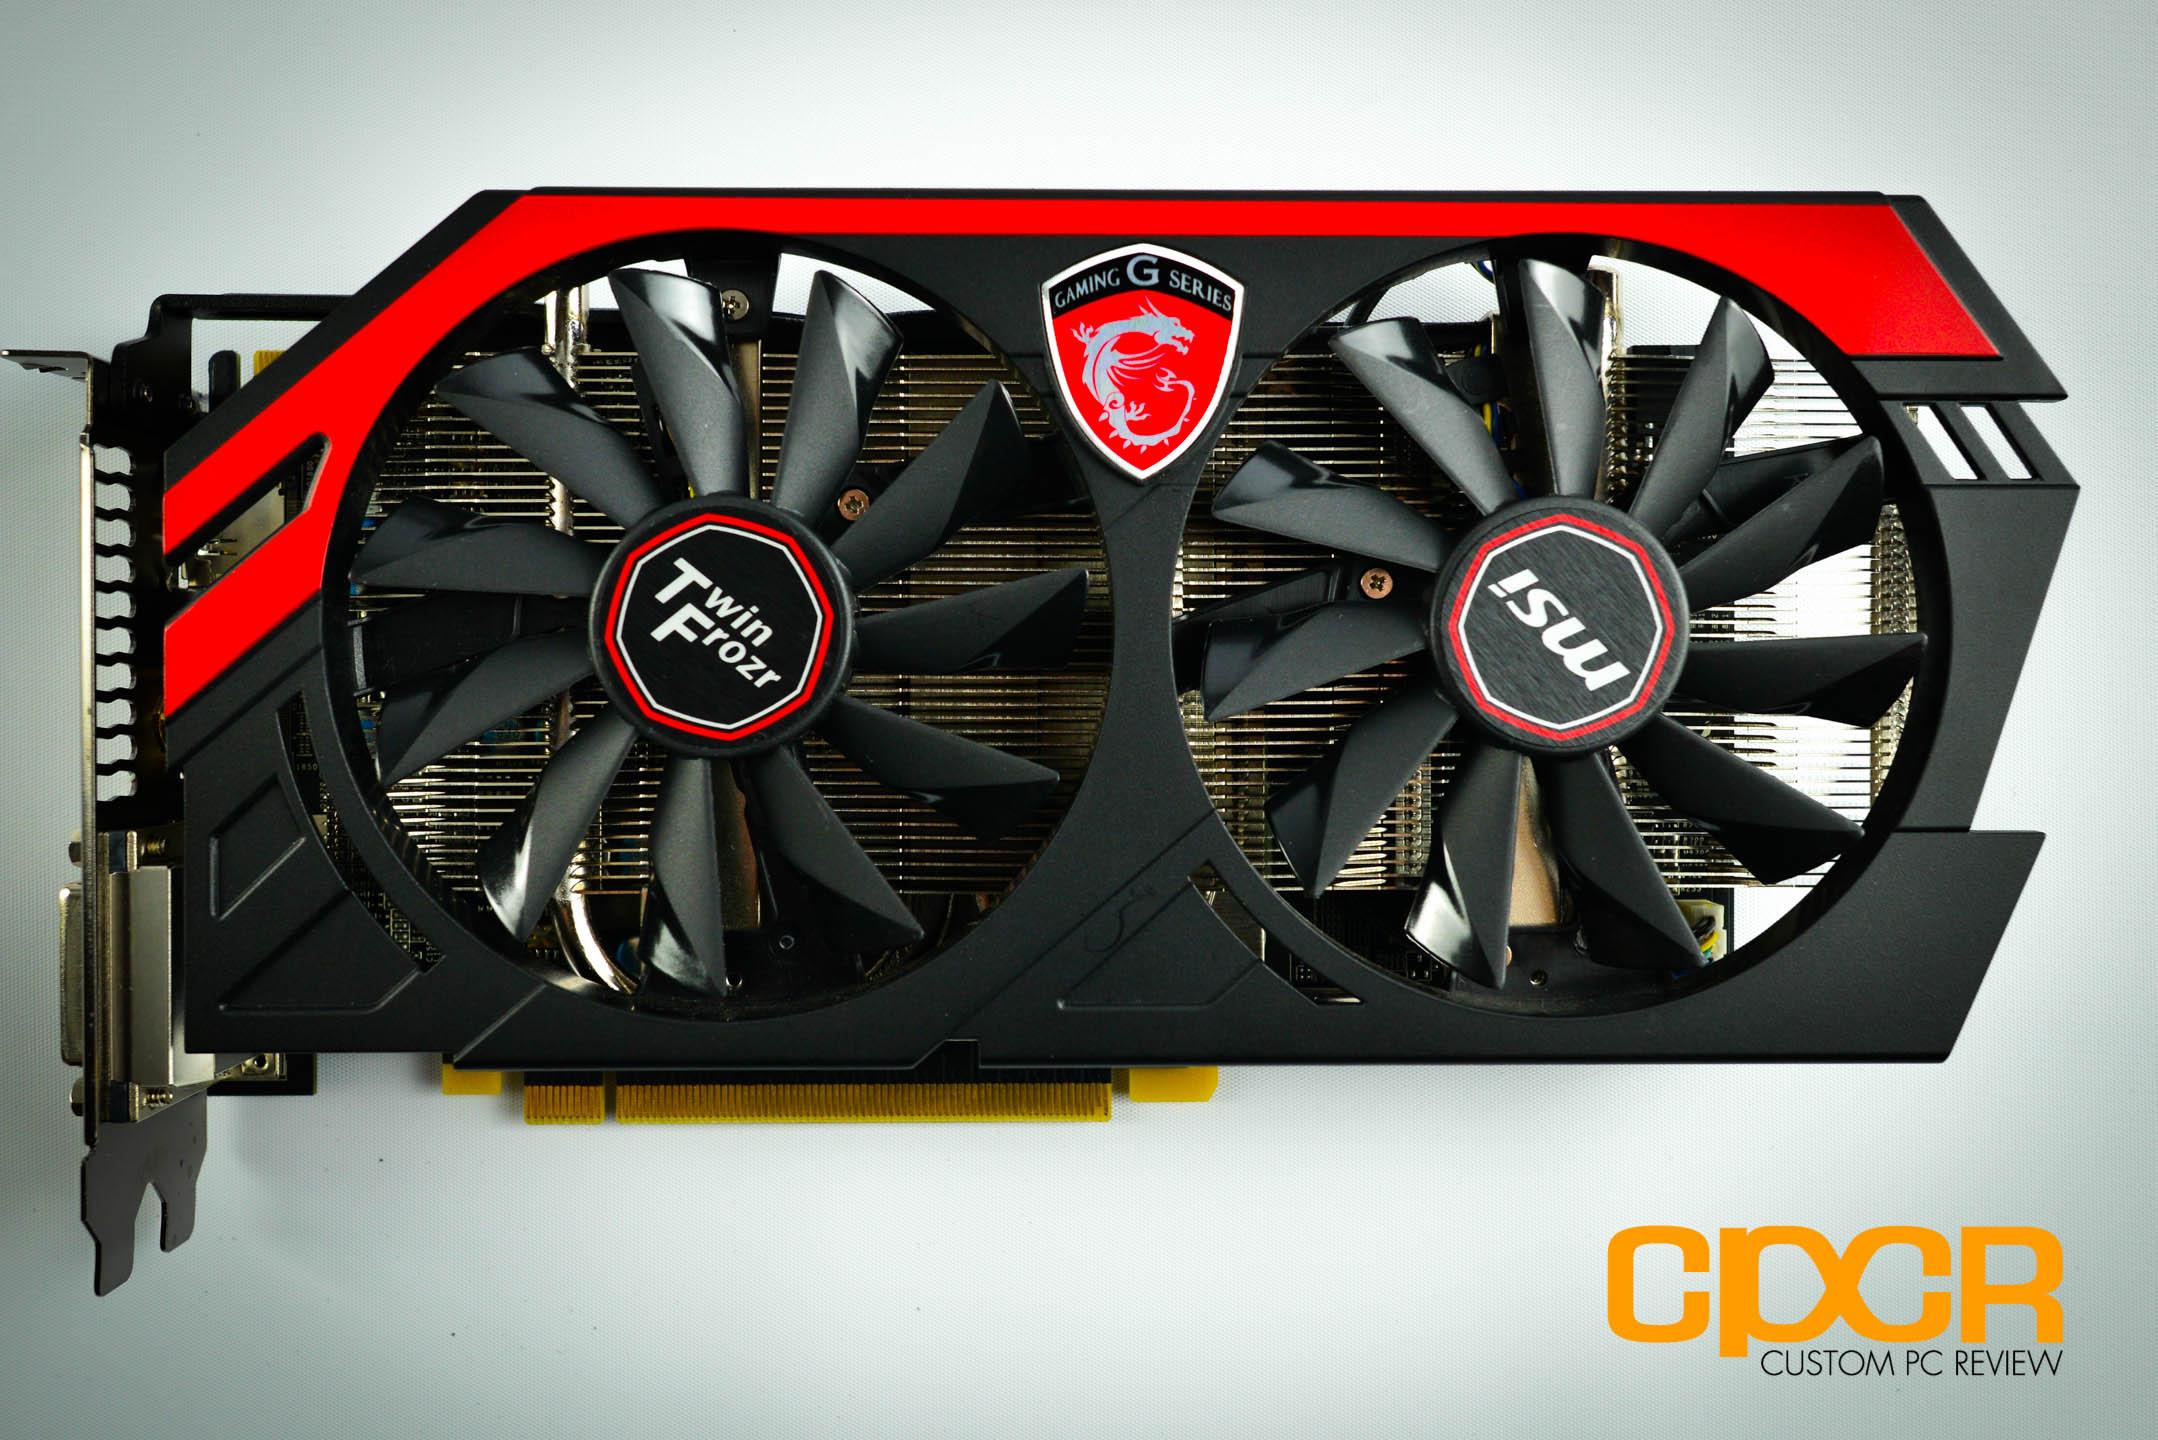 Review Msi R9 270 Gaming 2gb Custom Pc Review